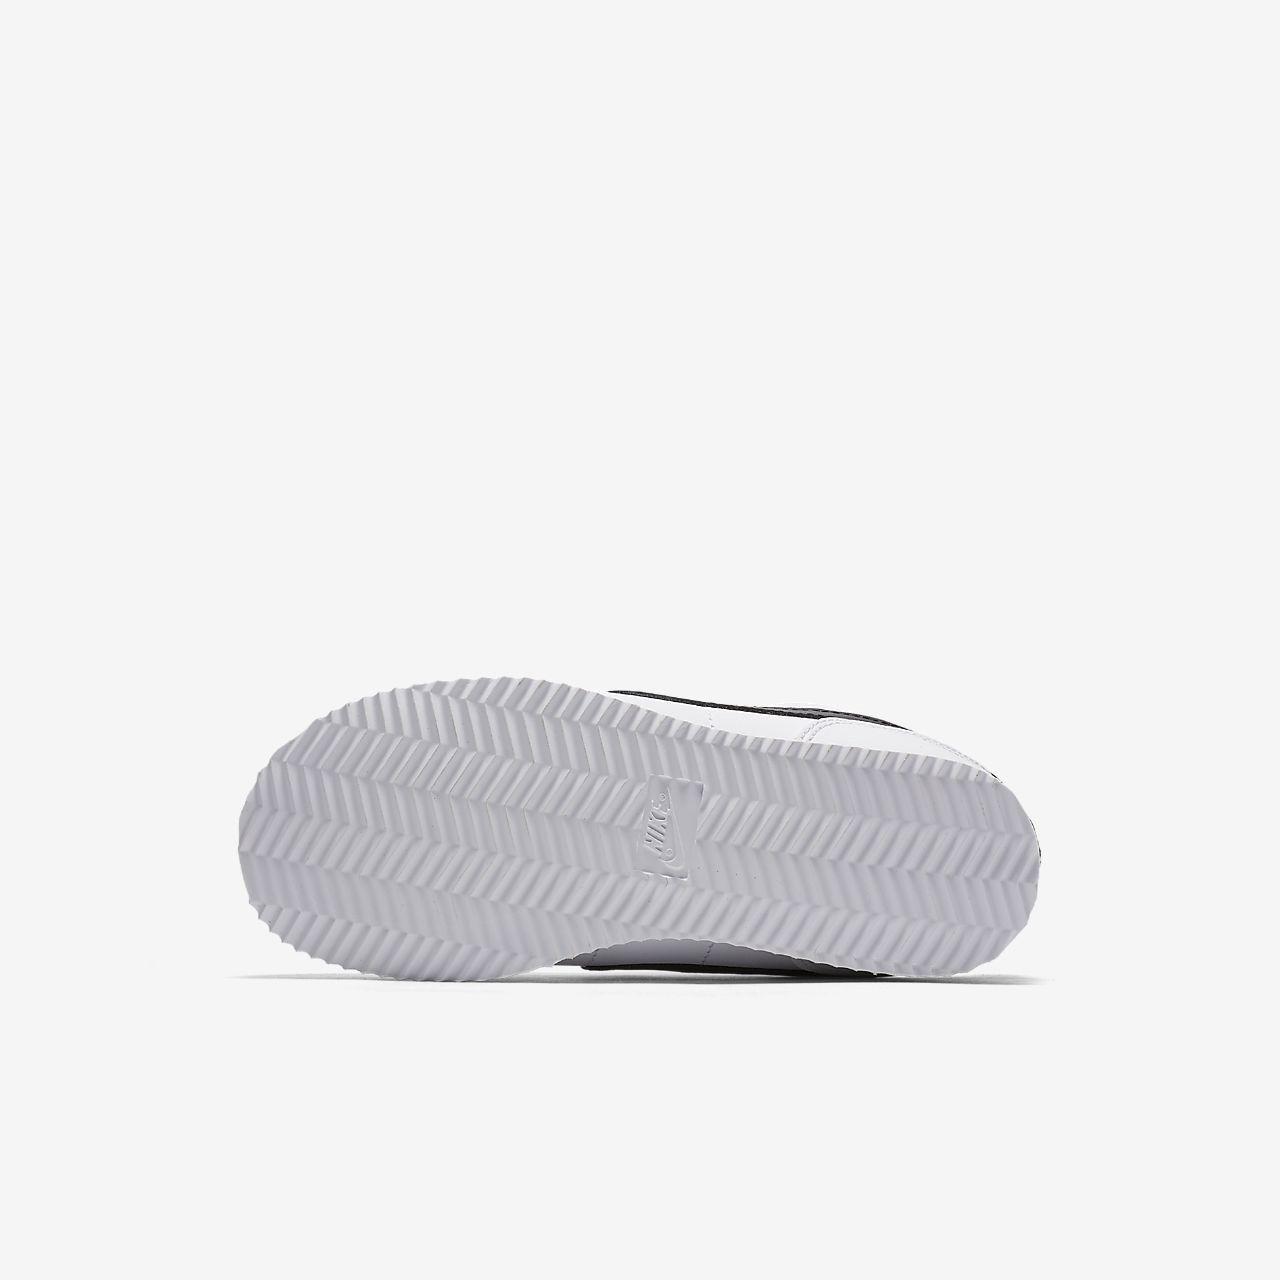 9655347f5 Nike Cortez Basic SL Little Kids  Shoe by Nike in 2018